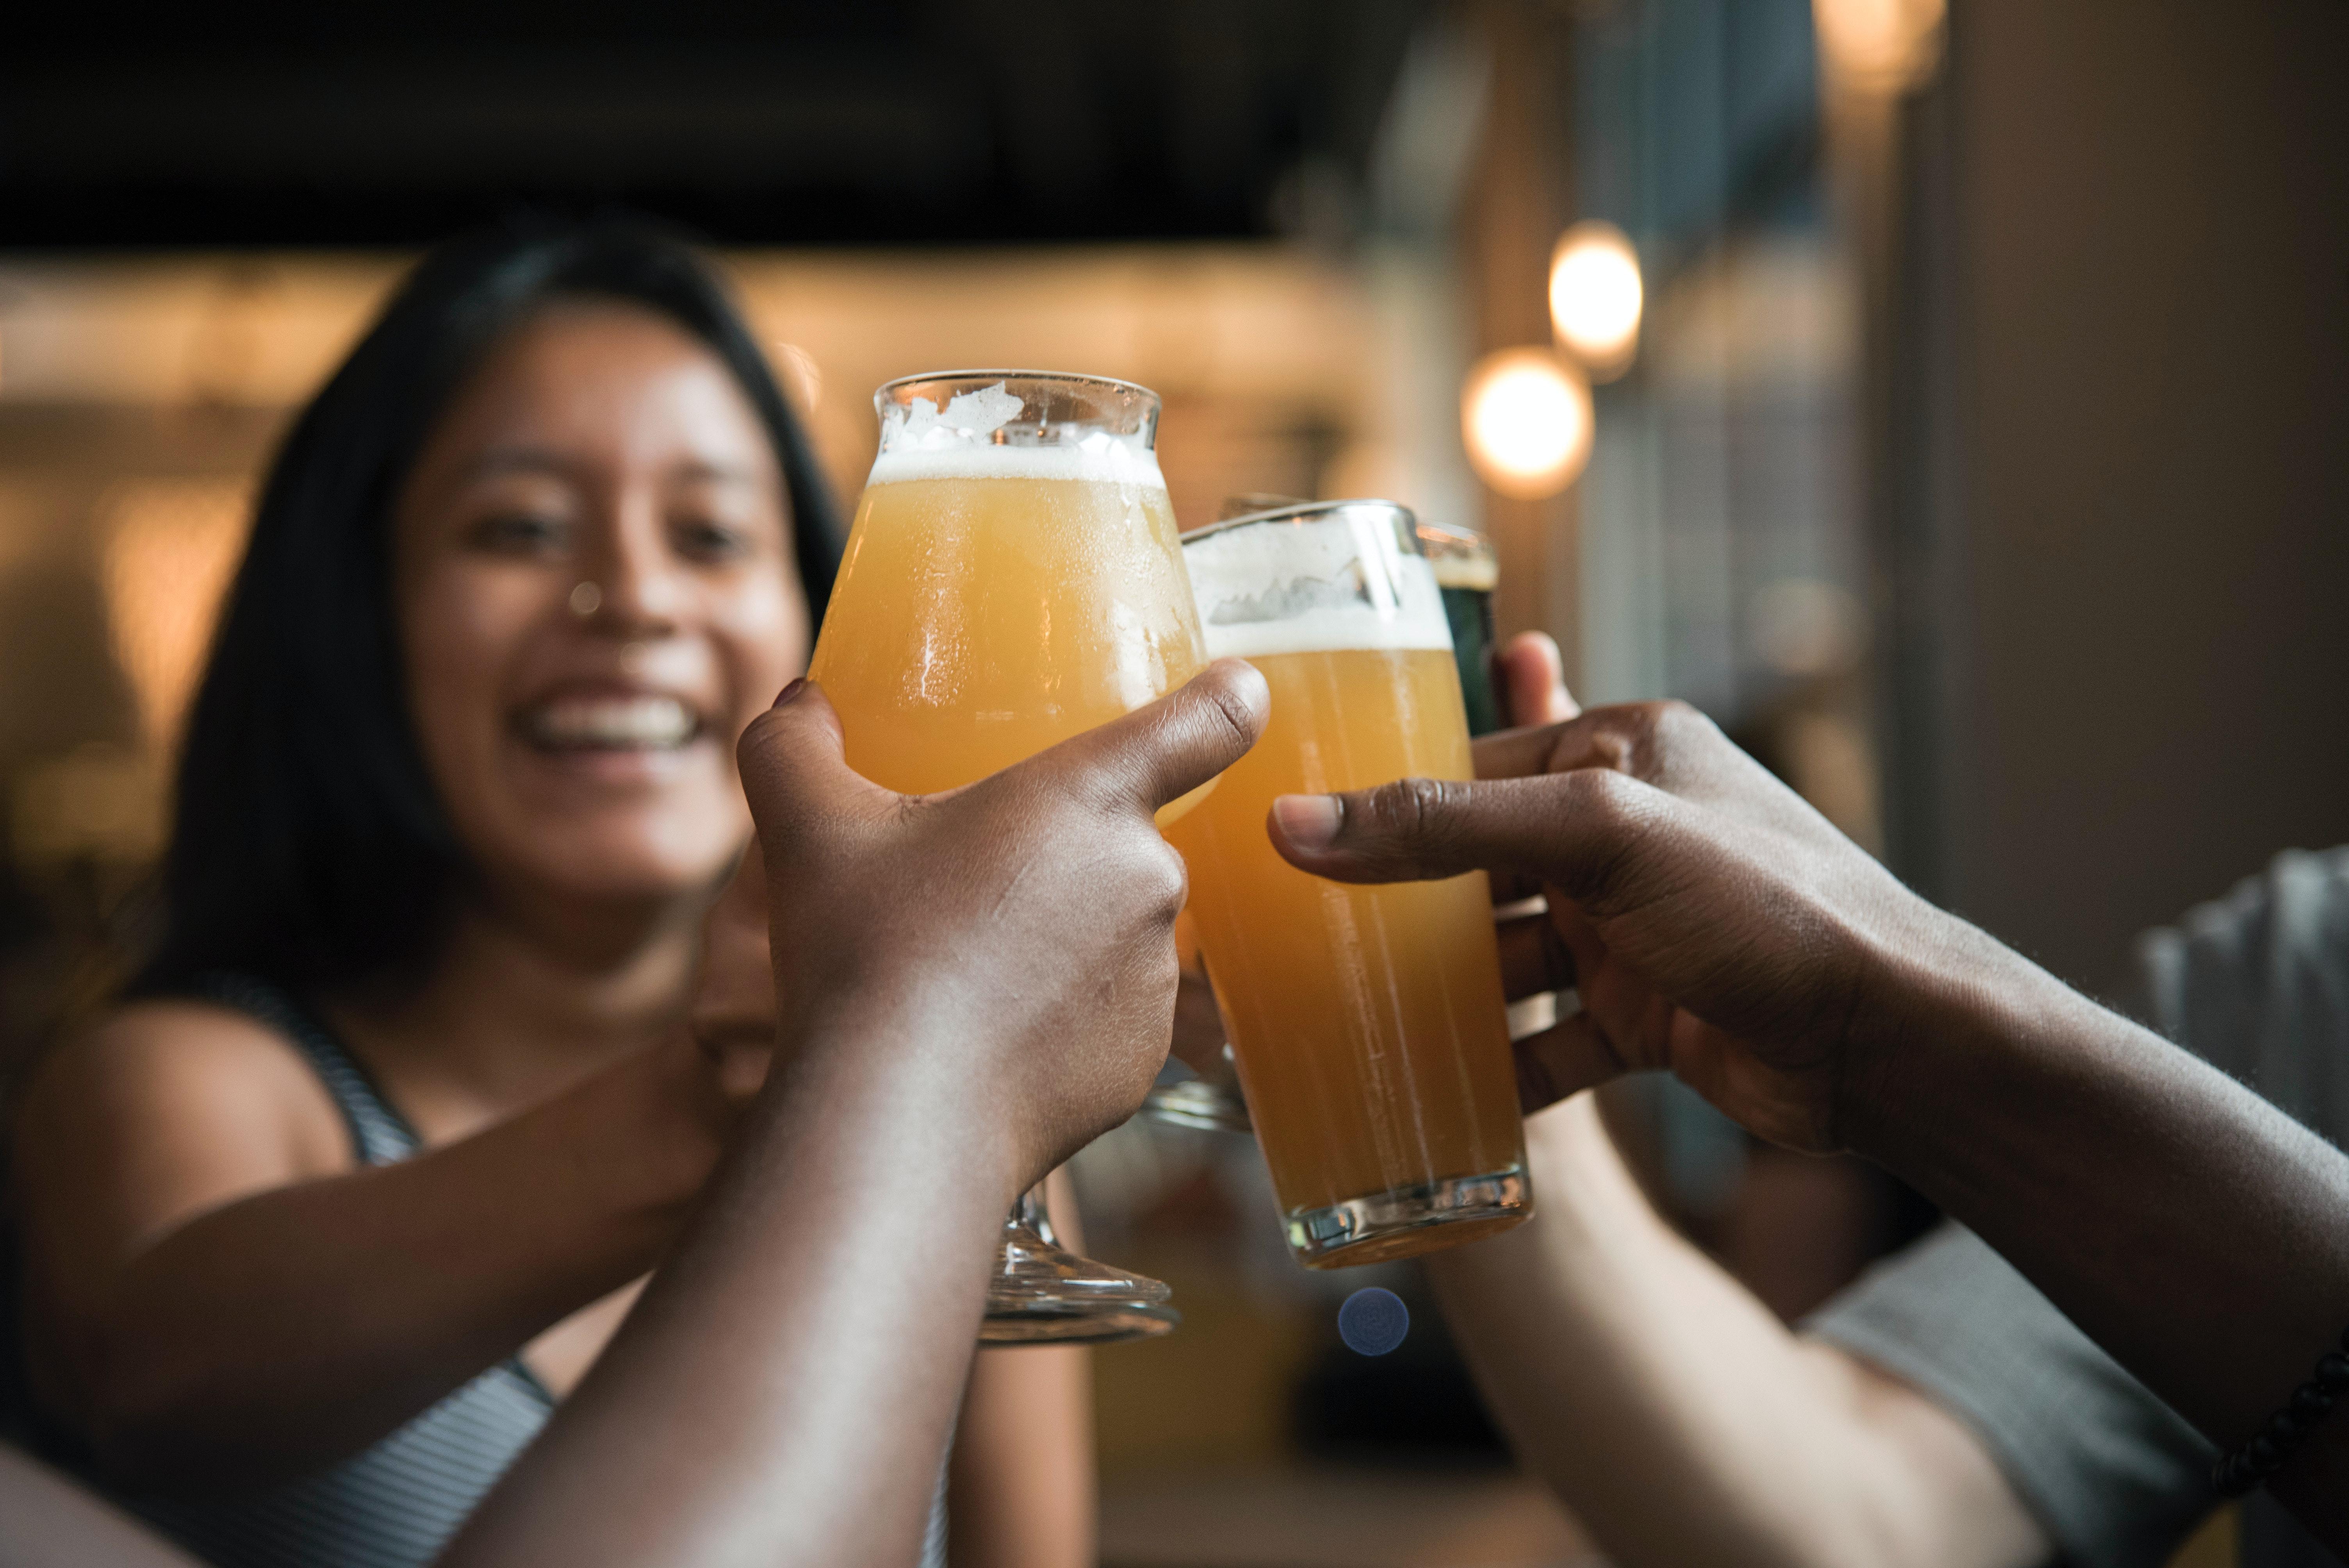 alcoholic-beverage-bar-beer-beverage-1269025